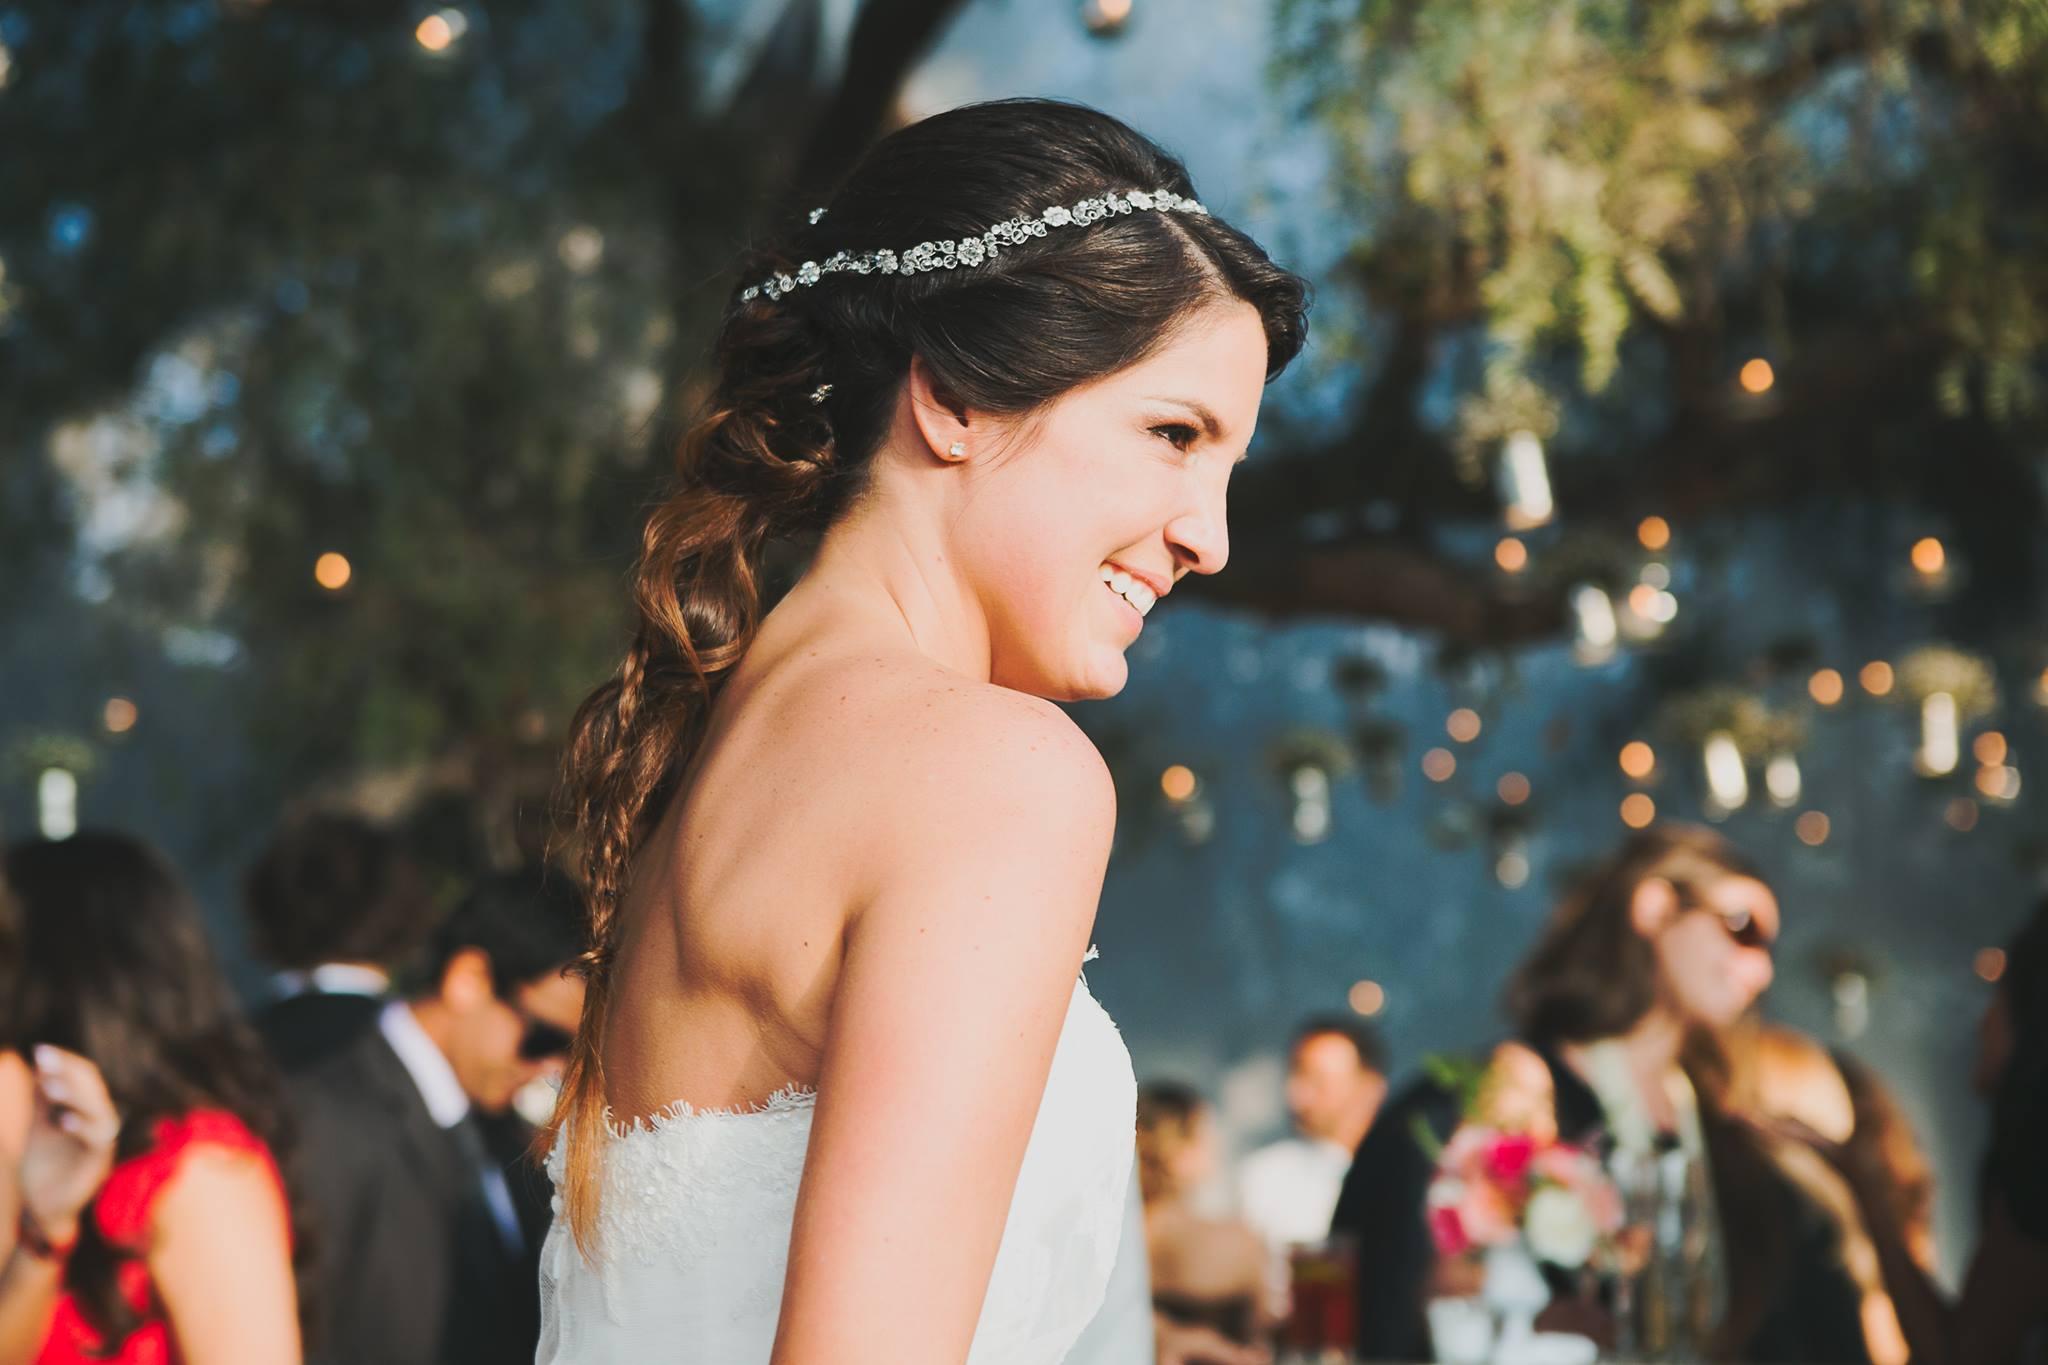 Lucianna Moreno